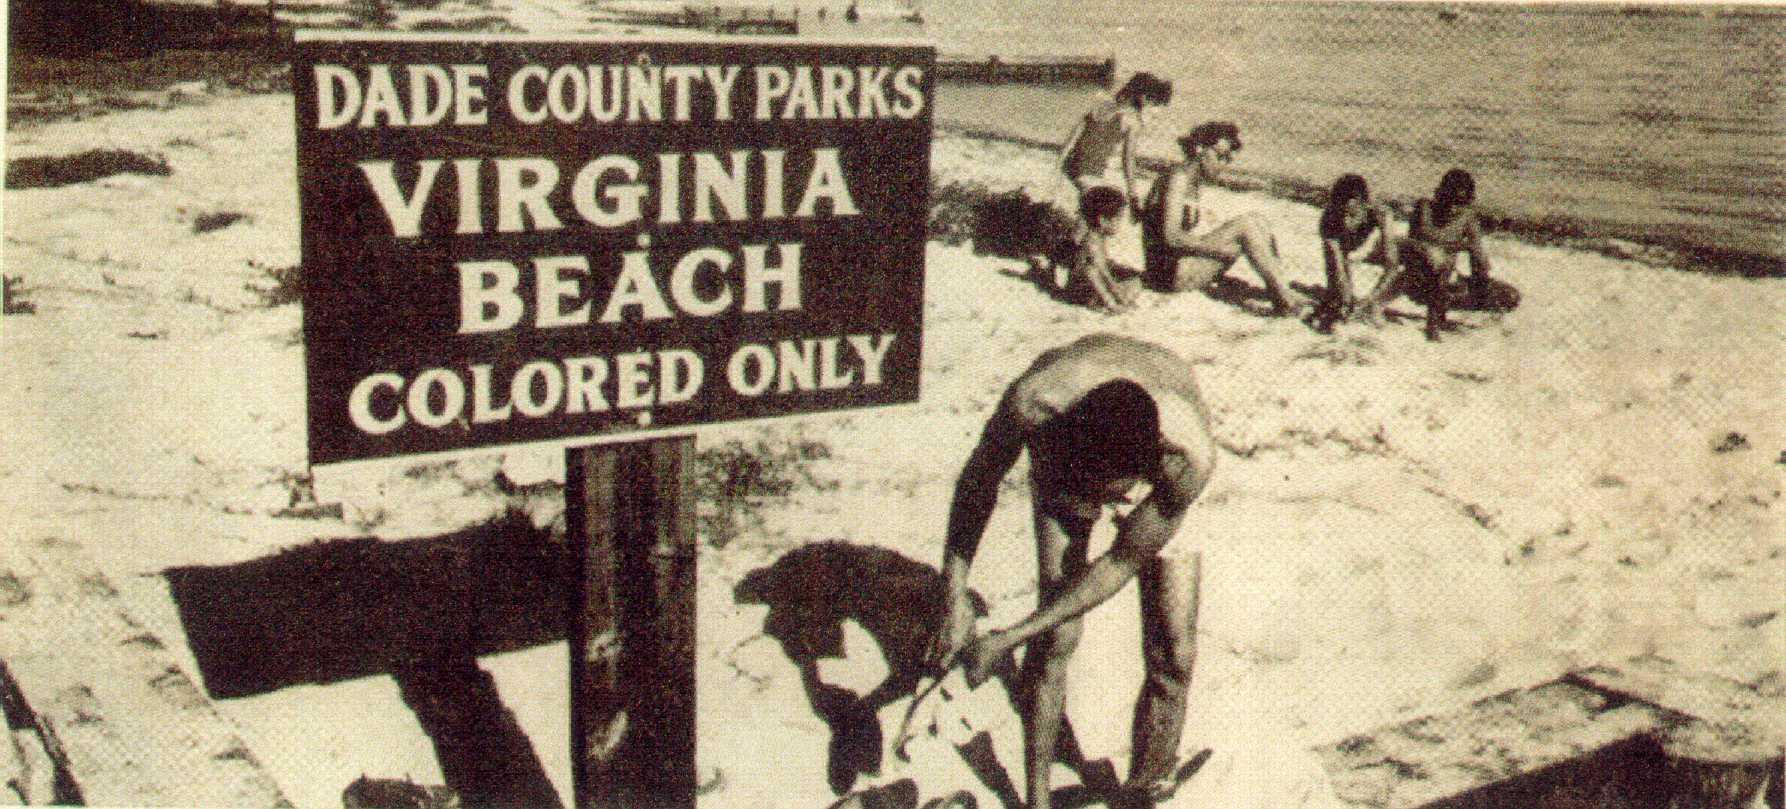 Virginia Beach County Park